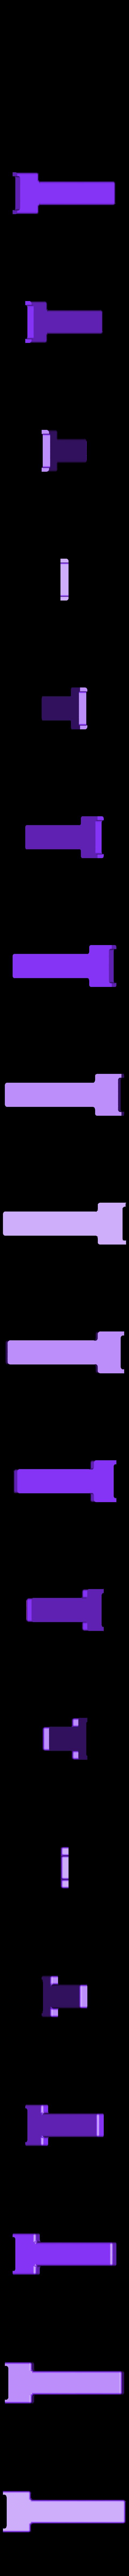 plug_key.stl Télécharger fichier STL gratuit Bouchon d'évent de porte • Design pour imprimante 3D, pawlo444444